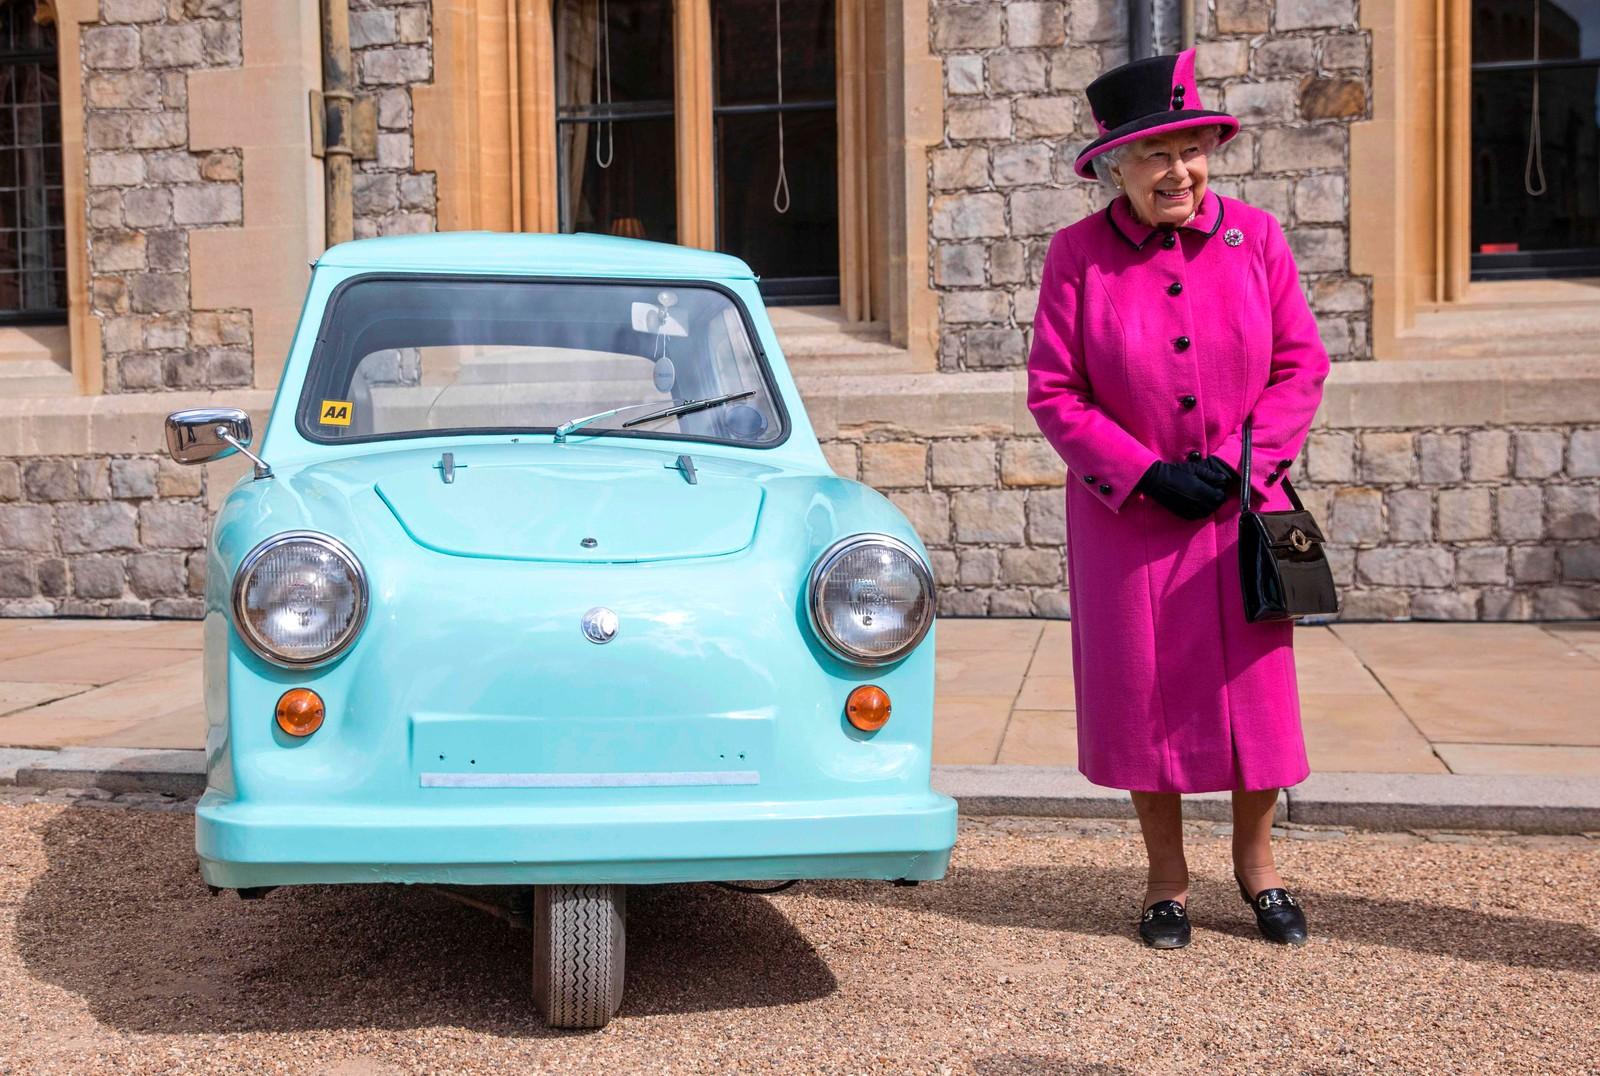 En liten bil og en Kongelig Høyhet. Bilen var ment for handicappede og heter Thundersley Invacar. Dronning Elizabeth II var med på å feire 40-årsjubileet til Motability, en organisasjon som hjelper handicappede med å få tilgang til rullestoler og biler.